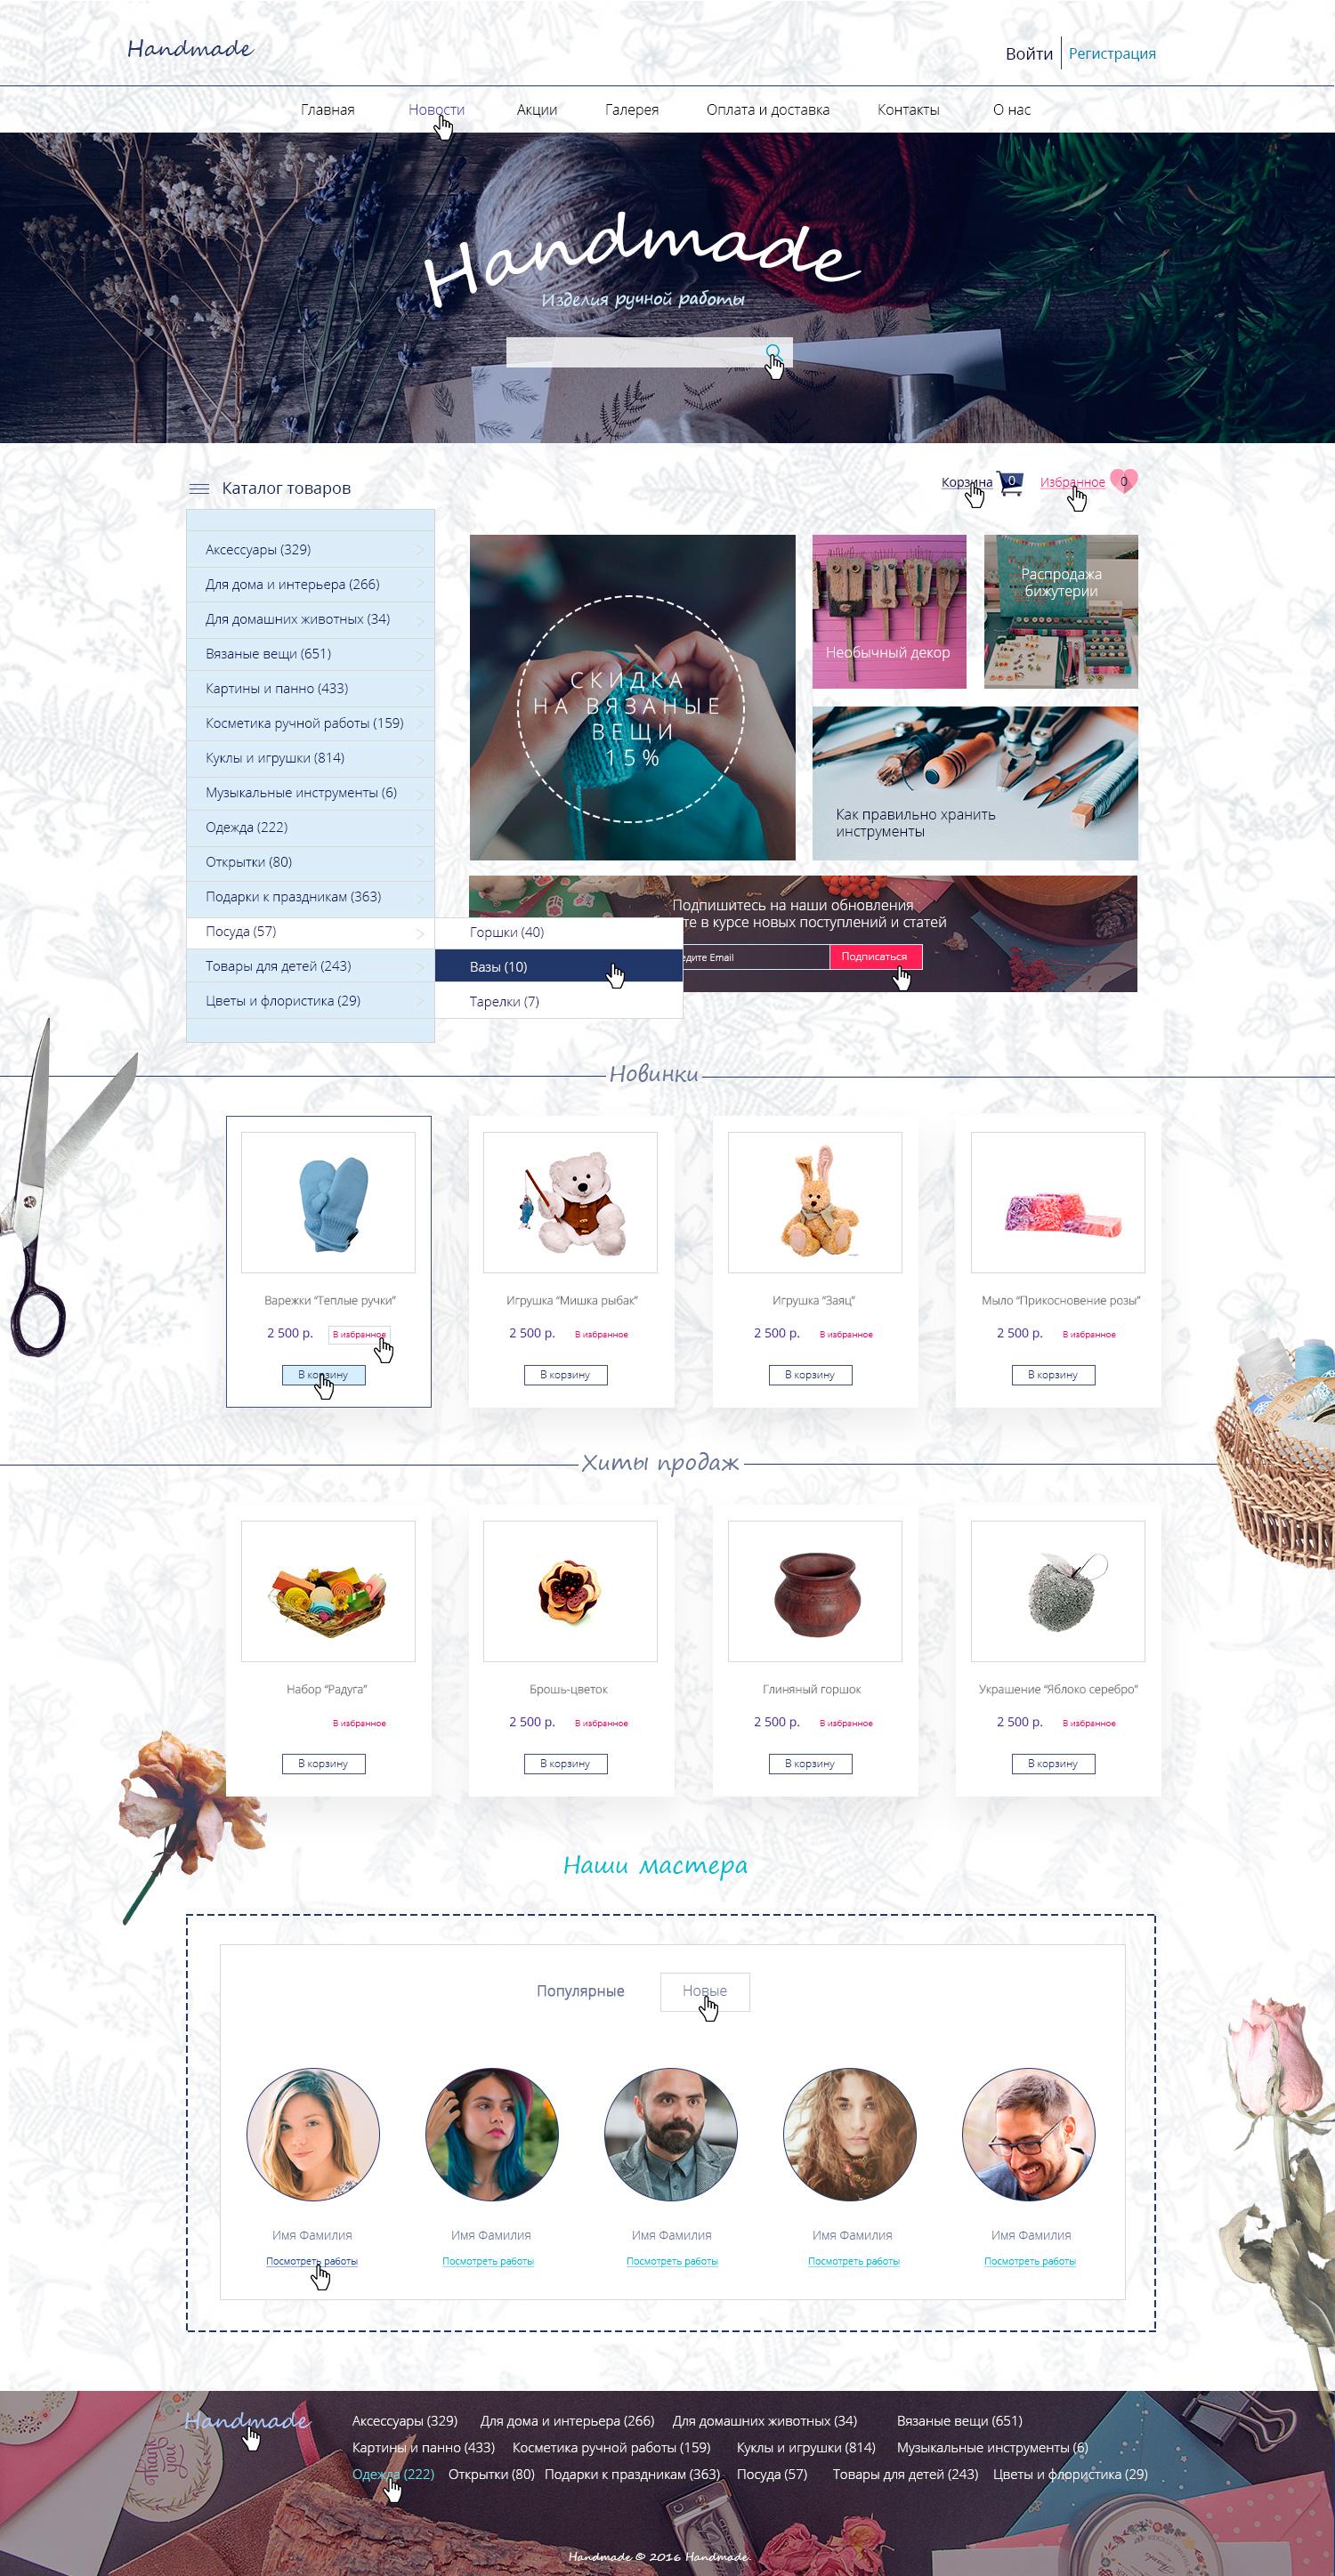 Разработка дизайна портала по тематике handmade. фото f_569587515c08b300.jpg